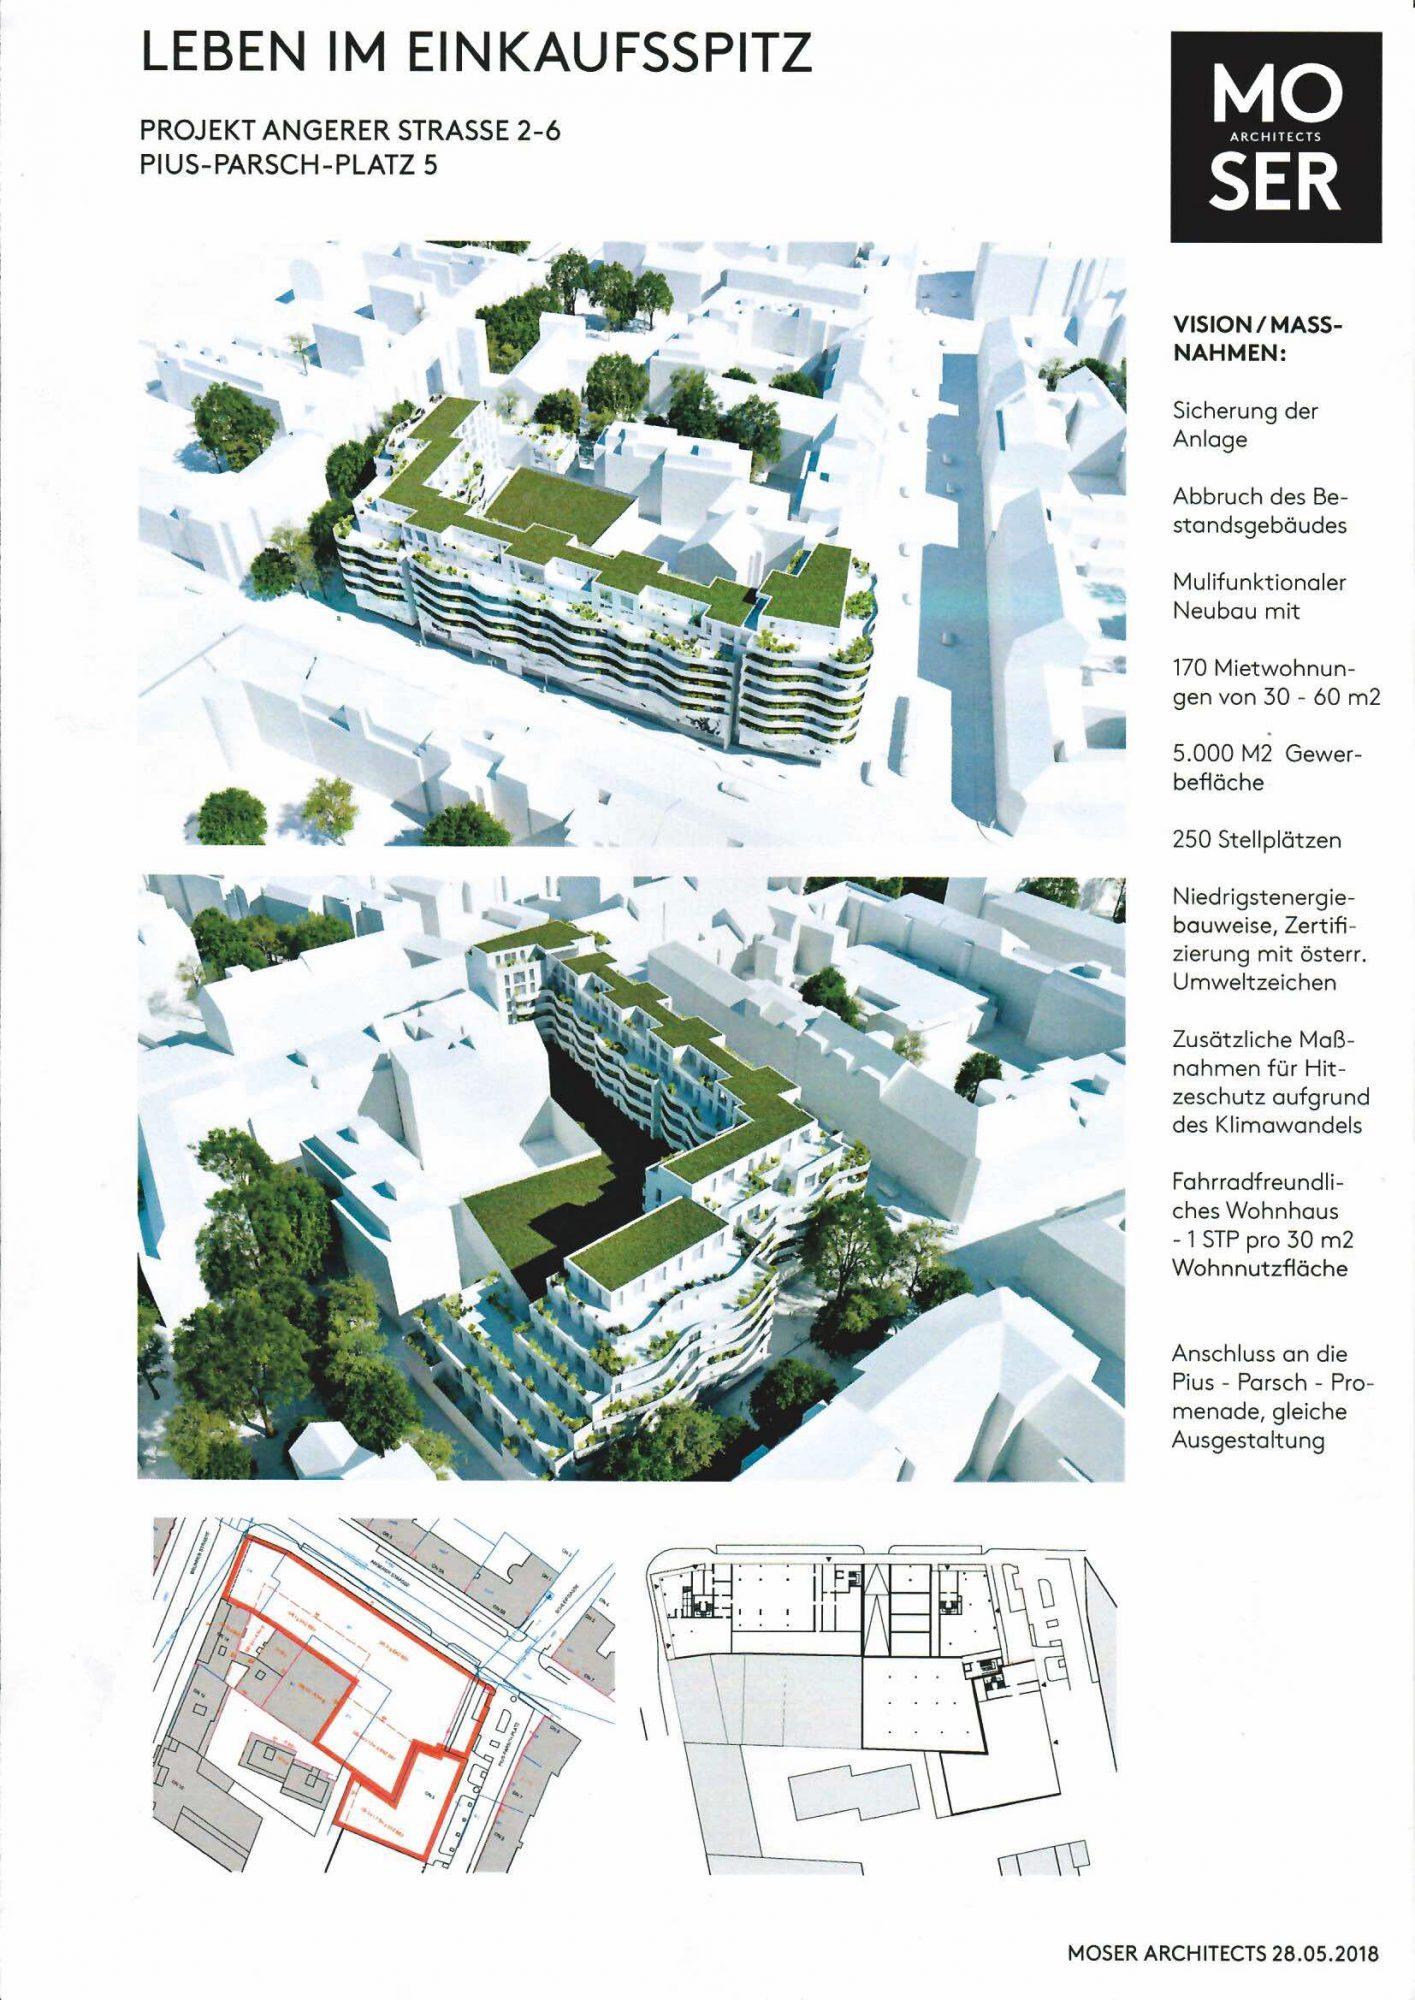 Neuer Einkaufspitz. Bild: Moser Architects.